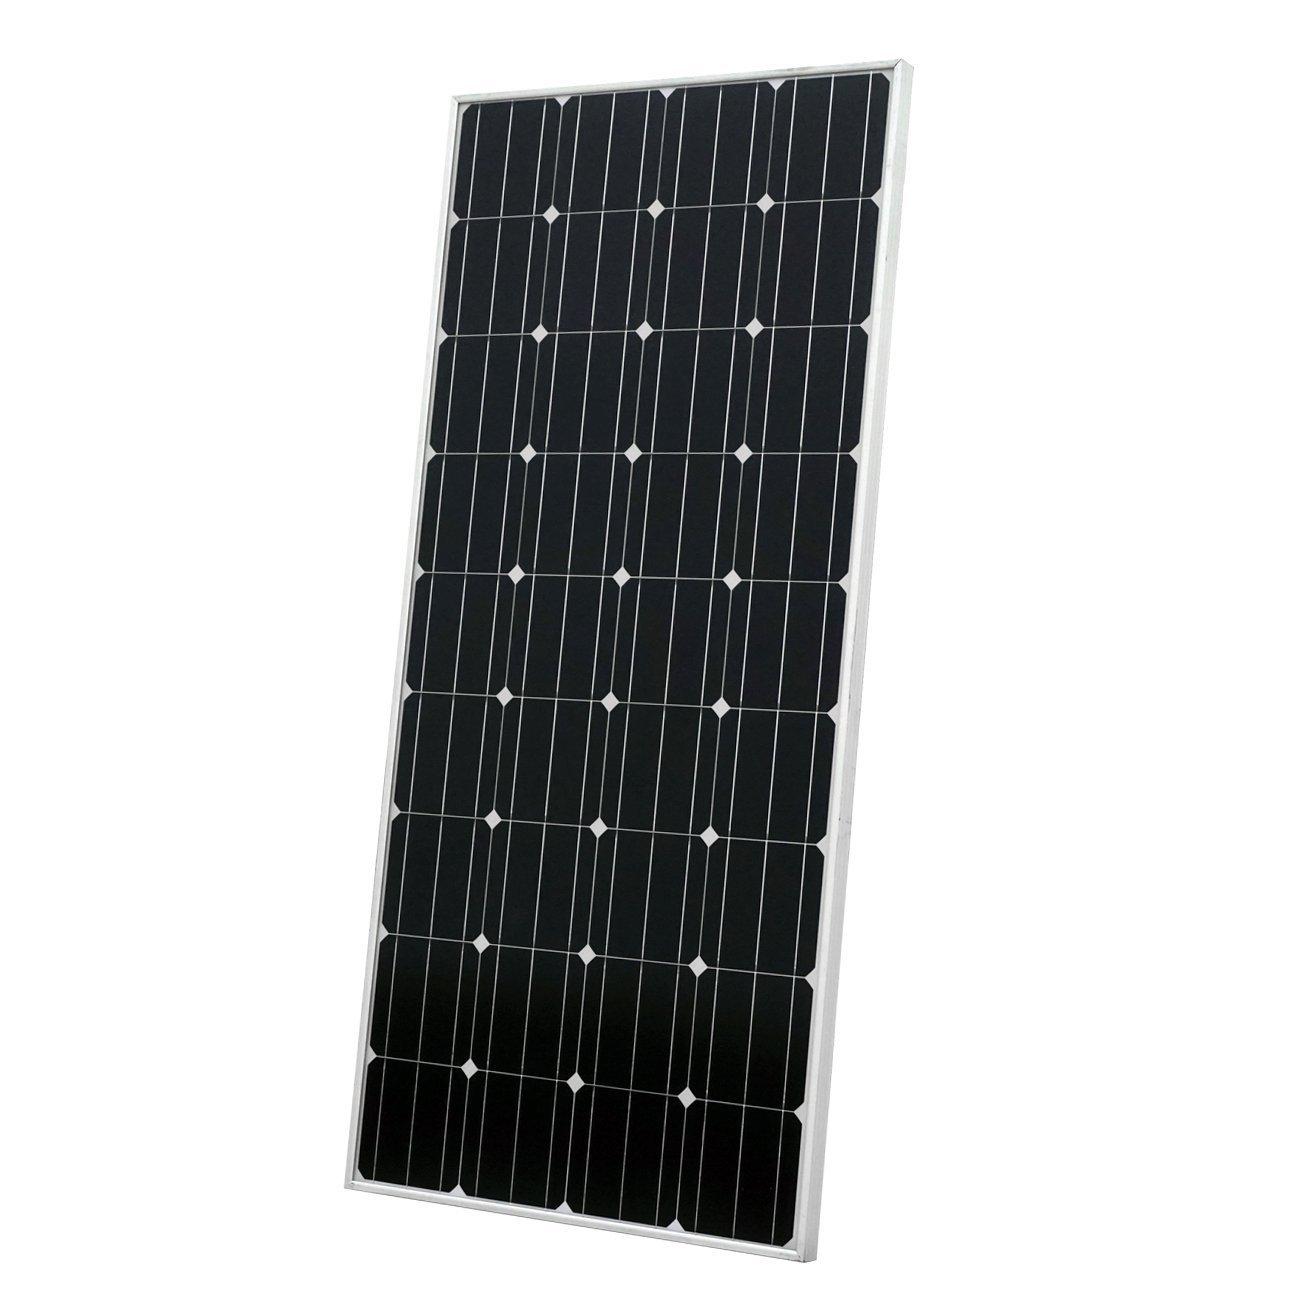 1300 W Solar & Gird ab PV System für Ladekabel 24 V Akku: 400 W WIND ...